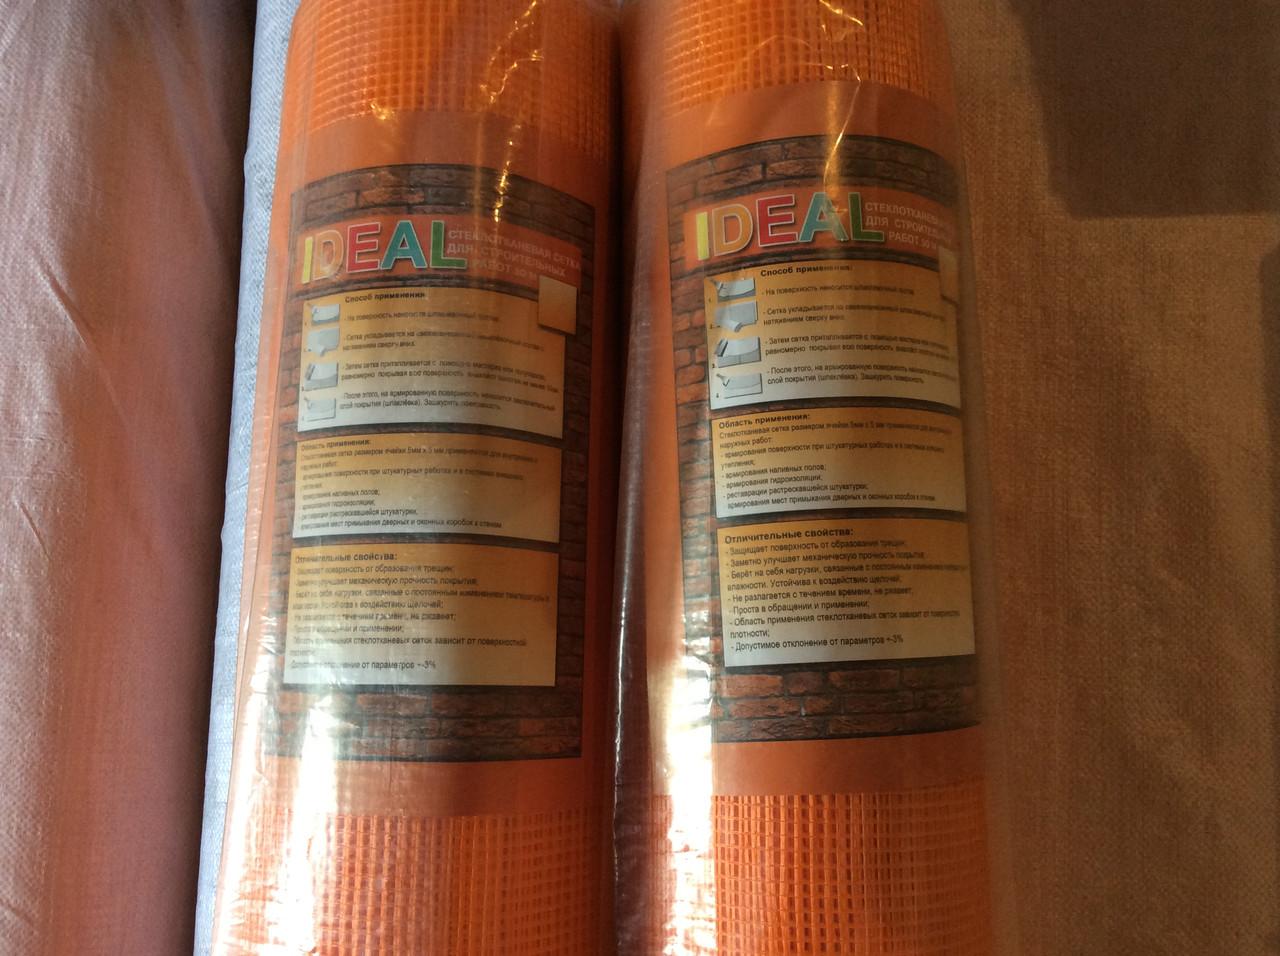 """Сетка штукатурная фасадная """"IDEAL"""" оранжевая,160 гр/м2, 50м - интернет-магазин """"Ремонтоff"""" в Днепре"""